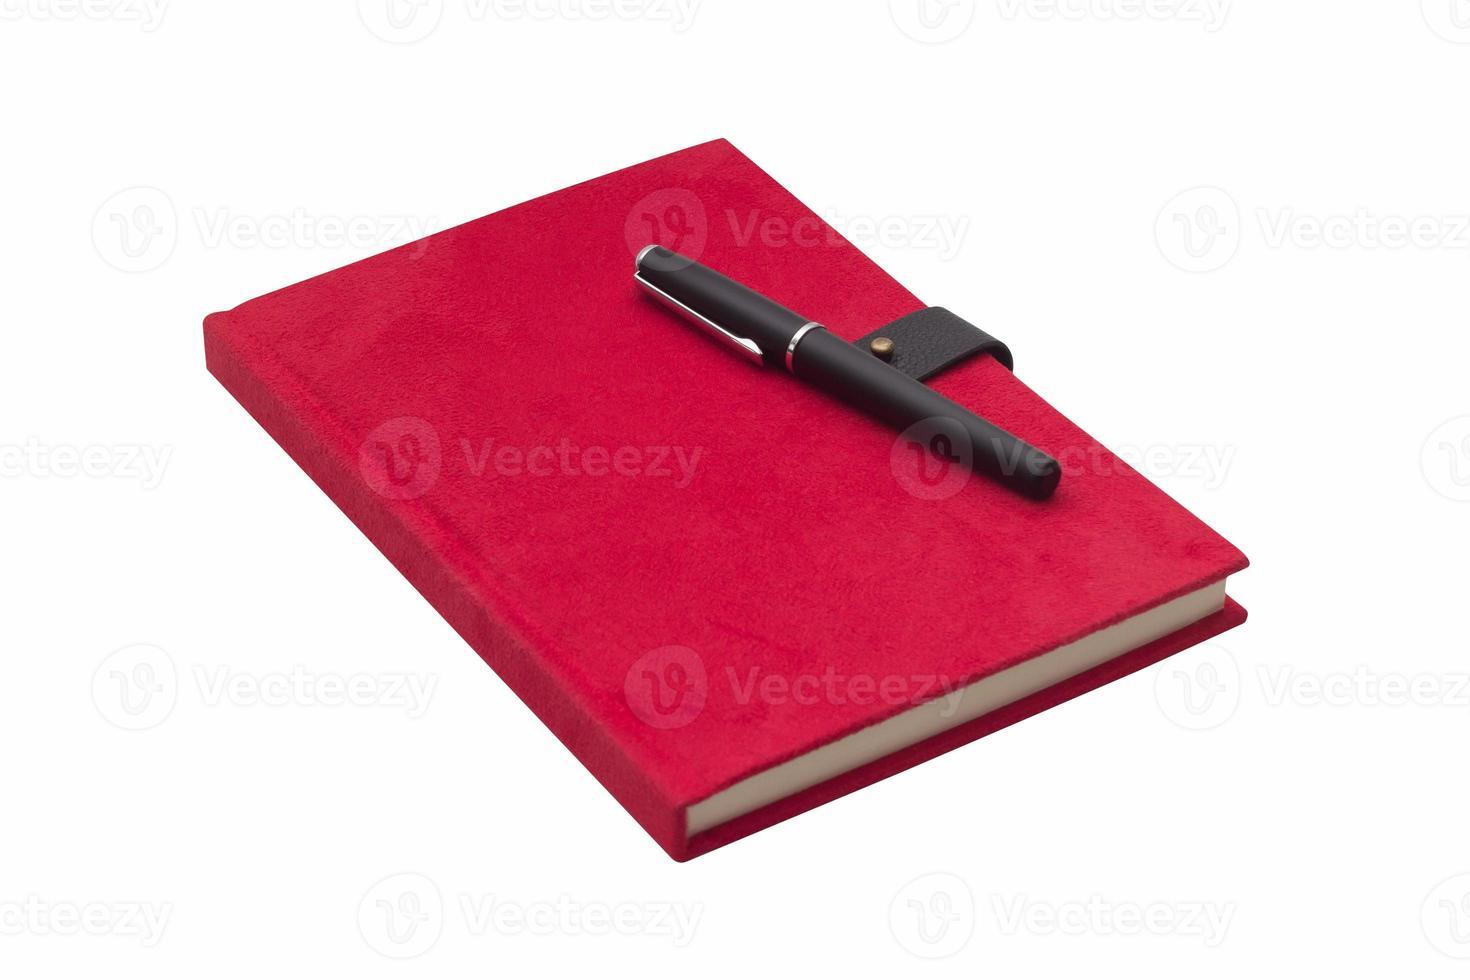 Carnet à couverture rigide rouge vierge avec stylo isolé photo